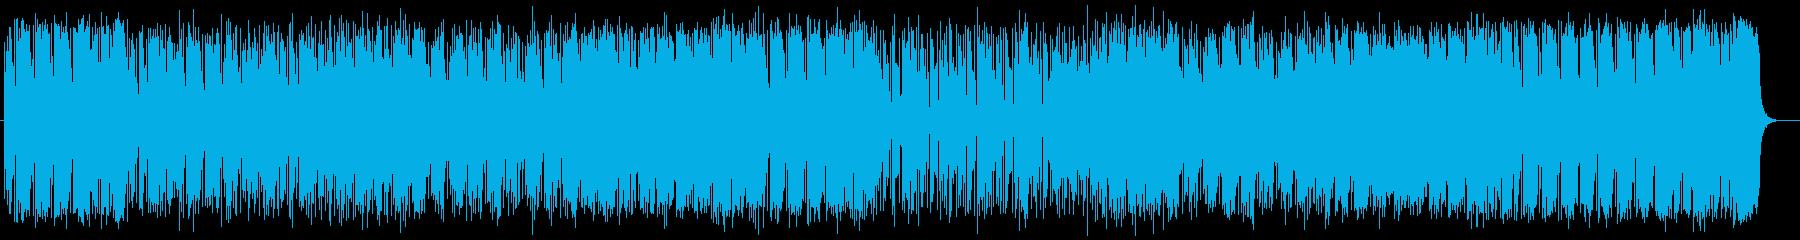 爽快でアップテンポなミュージックの再生済みの波形